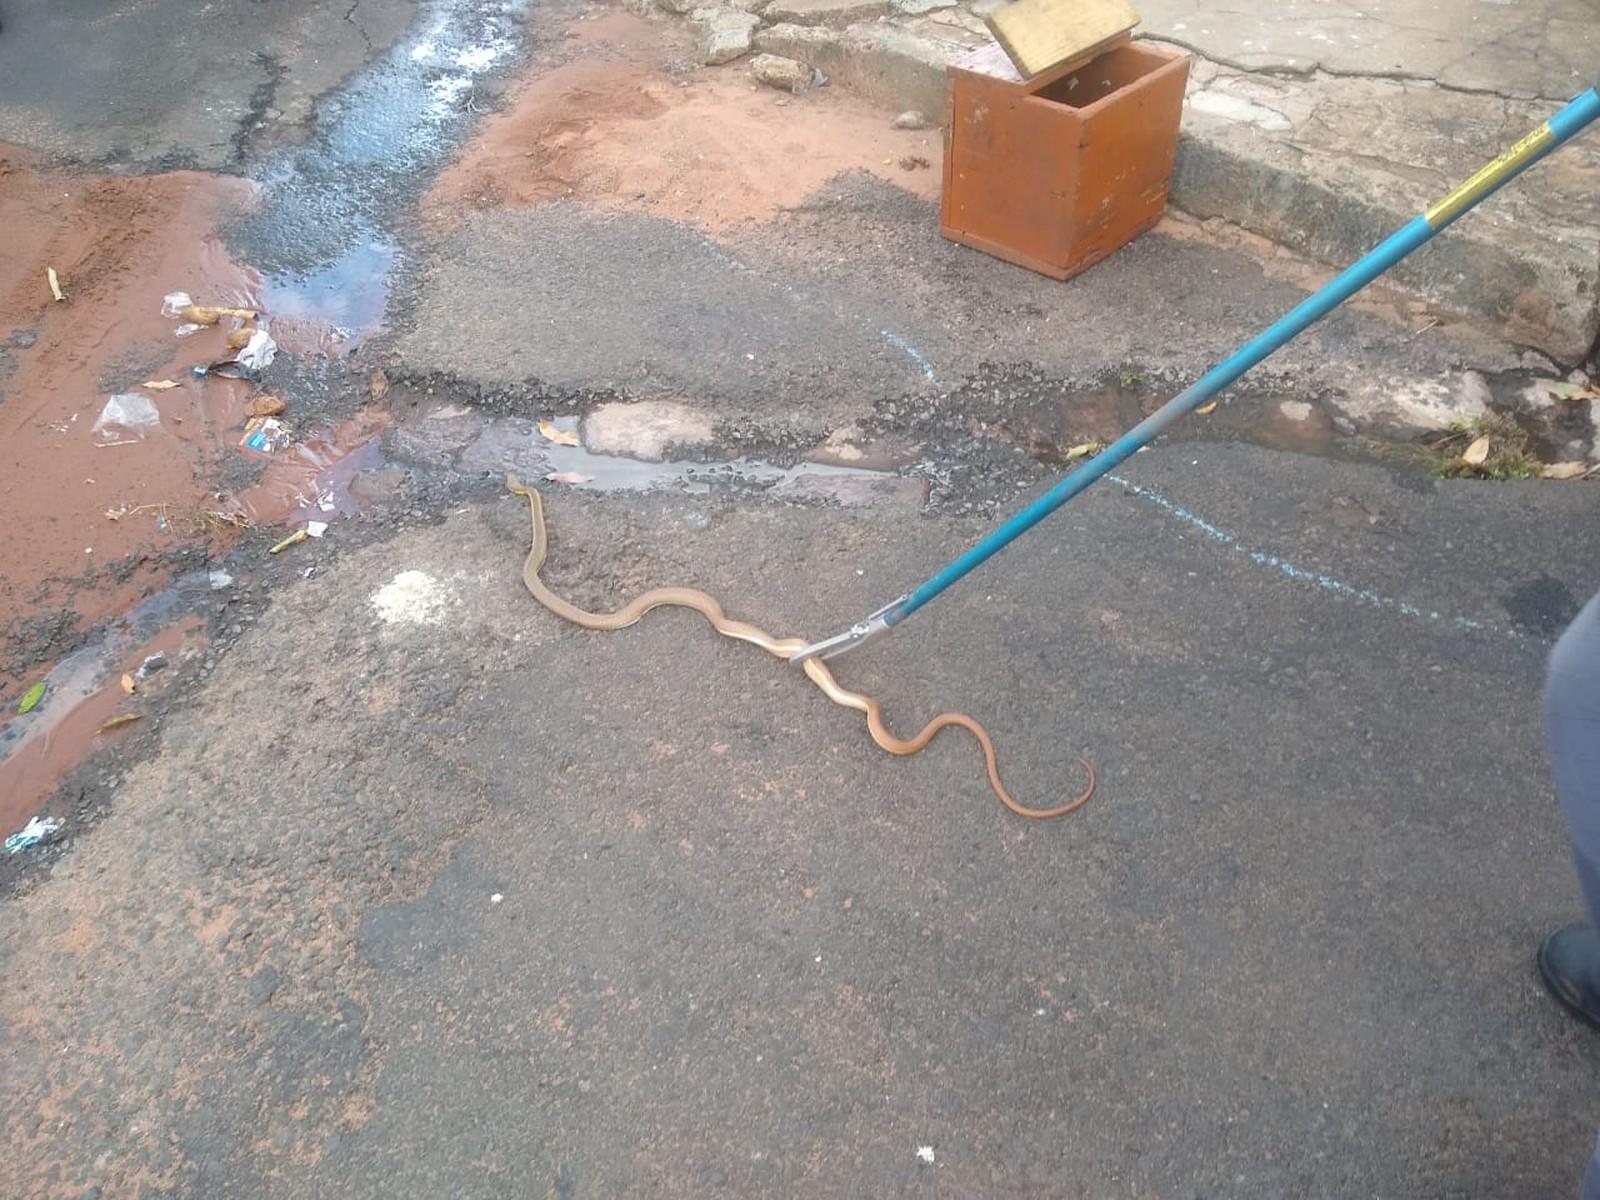 Bombeiros capturaram cobra dentro de caminhão em Rancharia — Foto: Arlei José da Silva